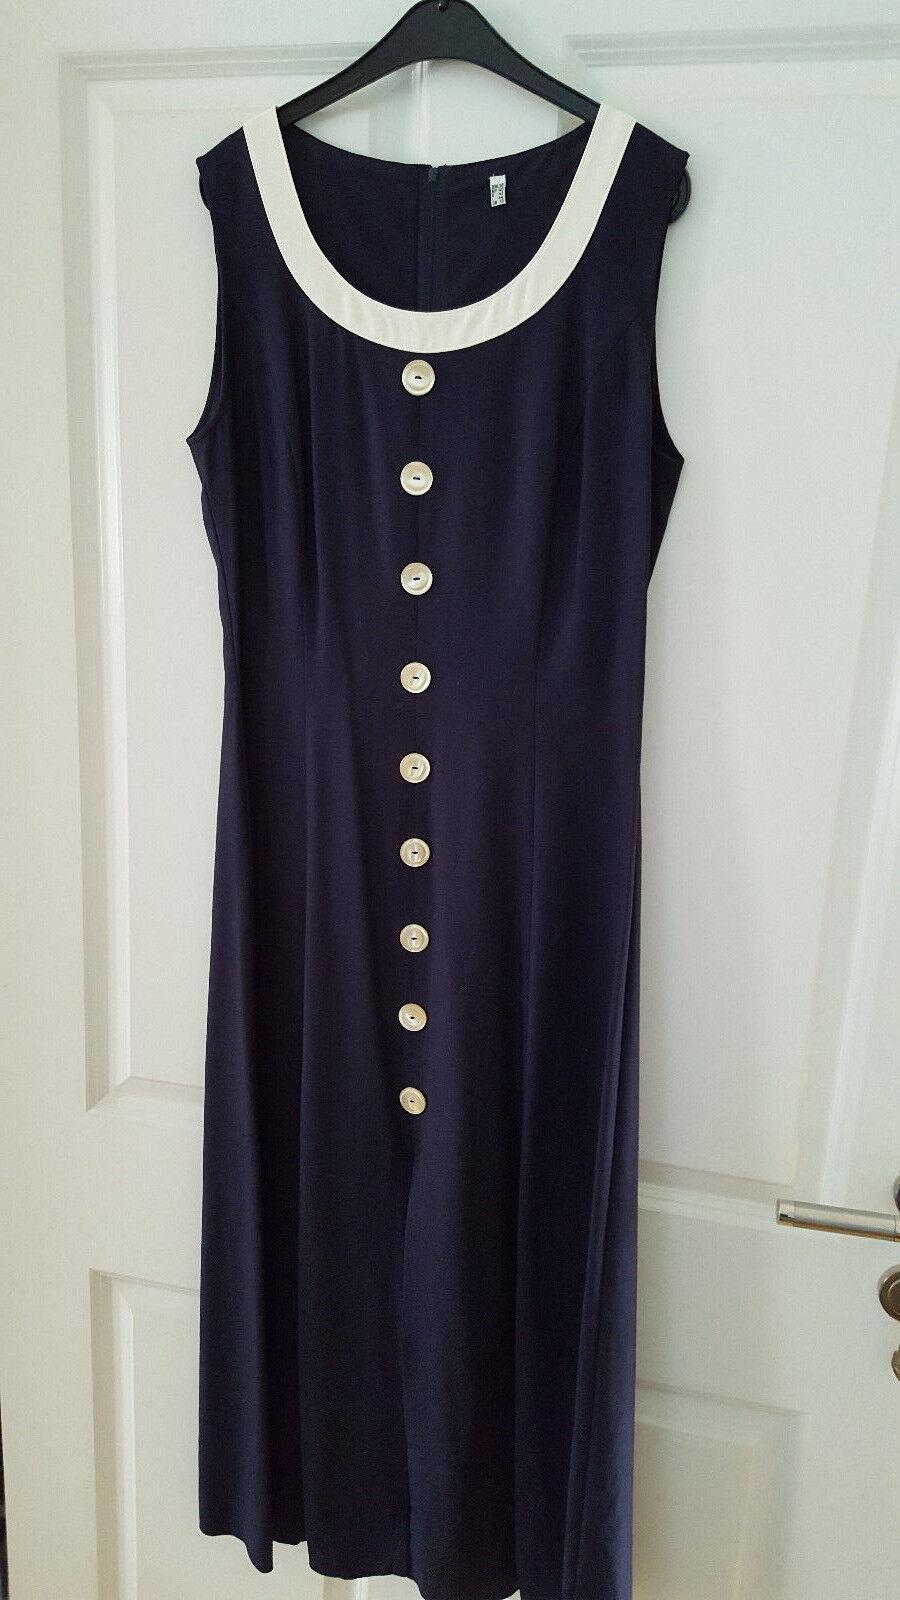 Retro Kleid mit Jacke - Surprise - 38 - Viskose Leinen - Blau Weiß - Neuwertig